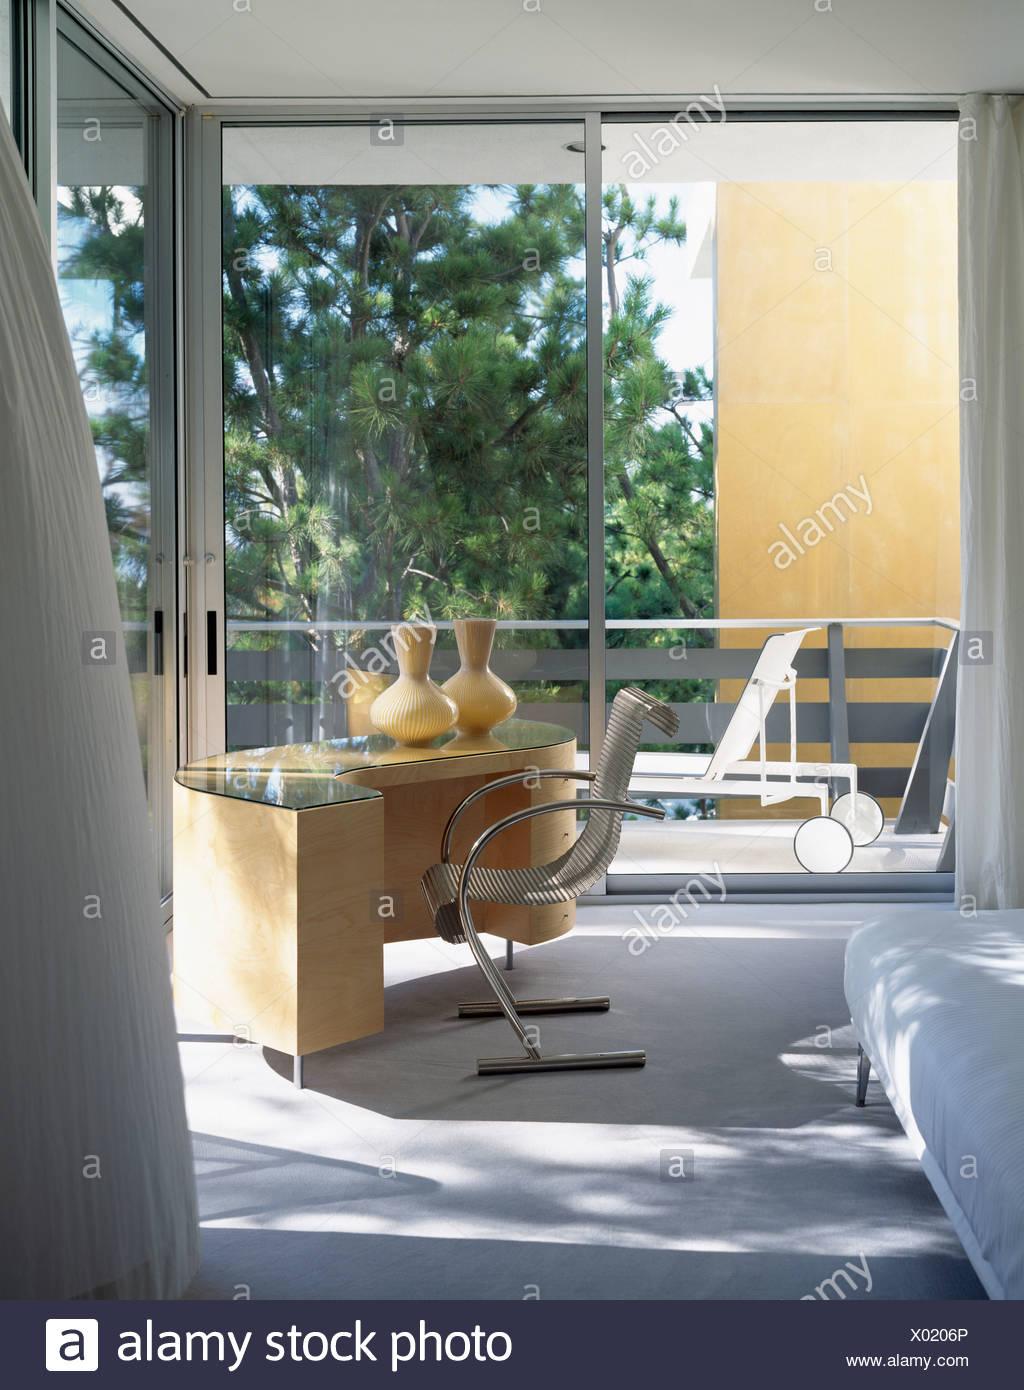 Fantastisch Mitte Des Jahrhunderts Modernen Schreibtisch Und Stuhl In Modernen  Schlafzimmer Mit Glastüren